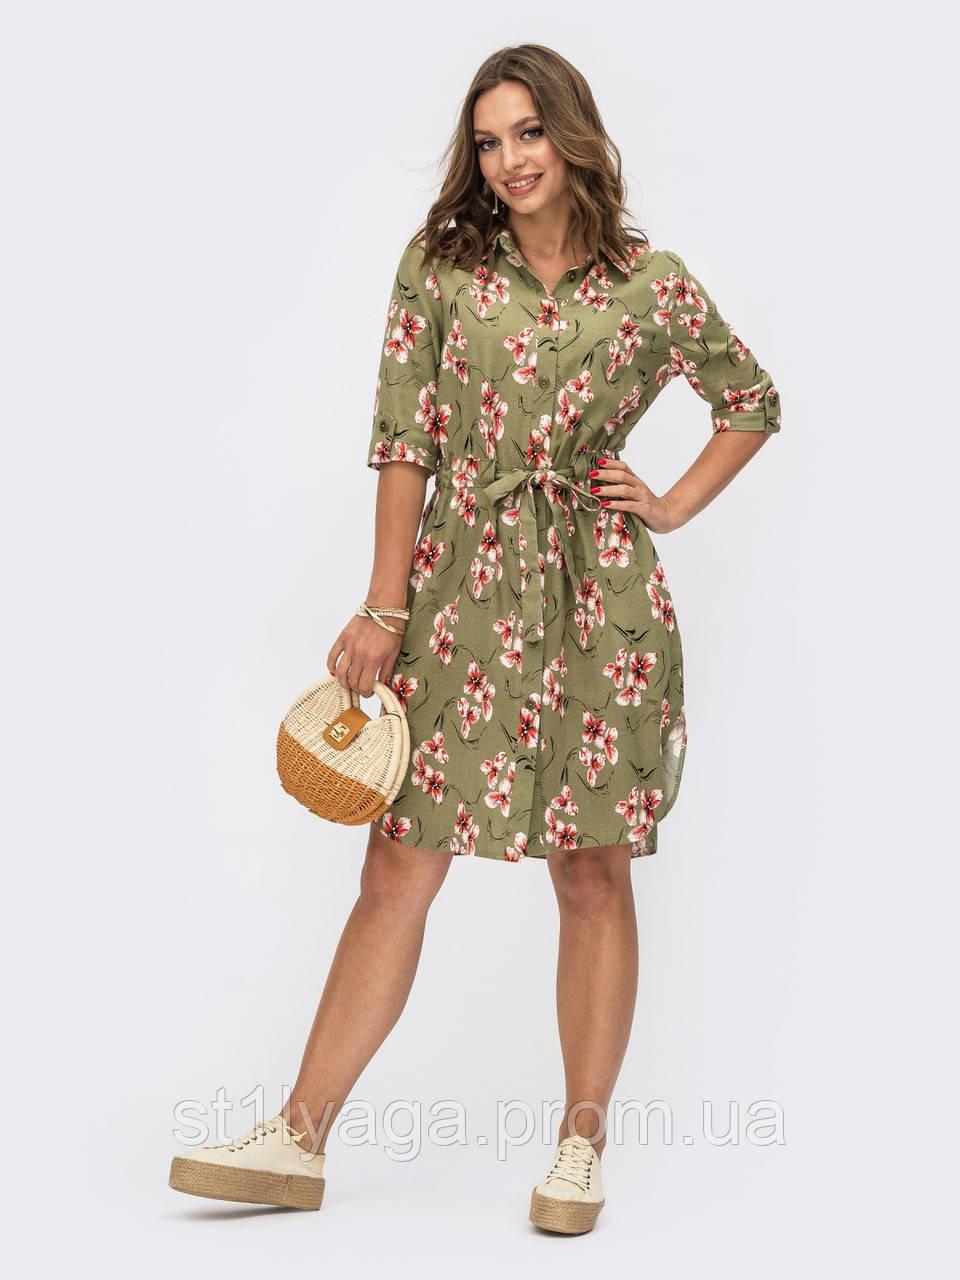 Сукня-сорочка в квітковому принте з льону ЛІТО